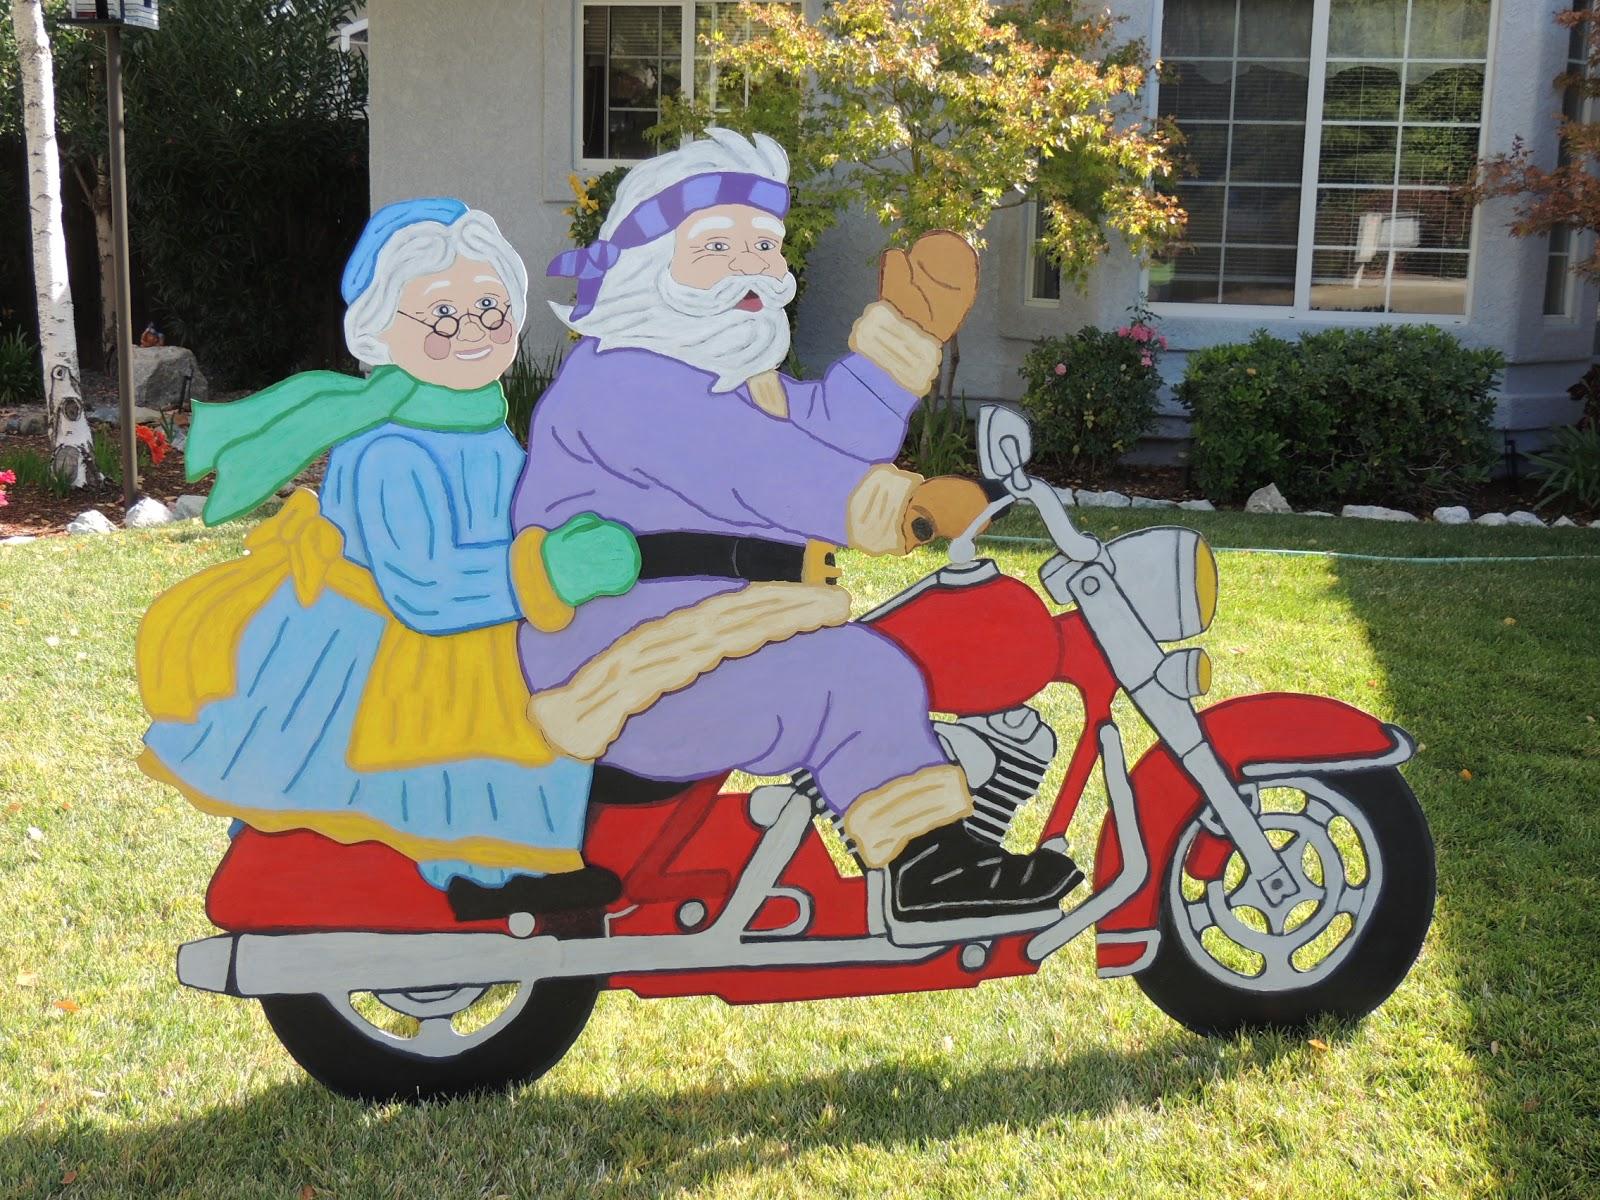 Motoblogn Santa Rides A Motorcycle Christmas Decorations